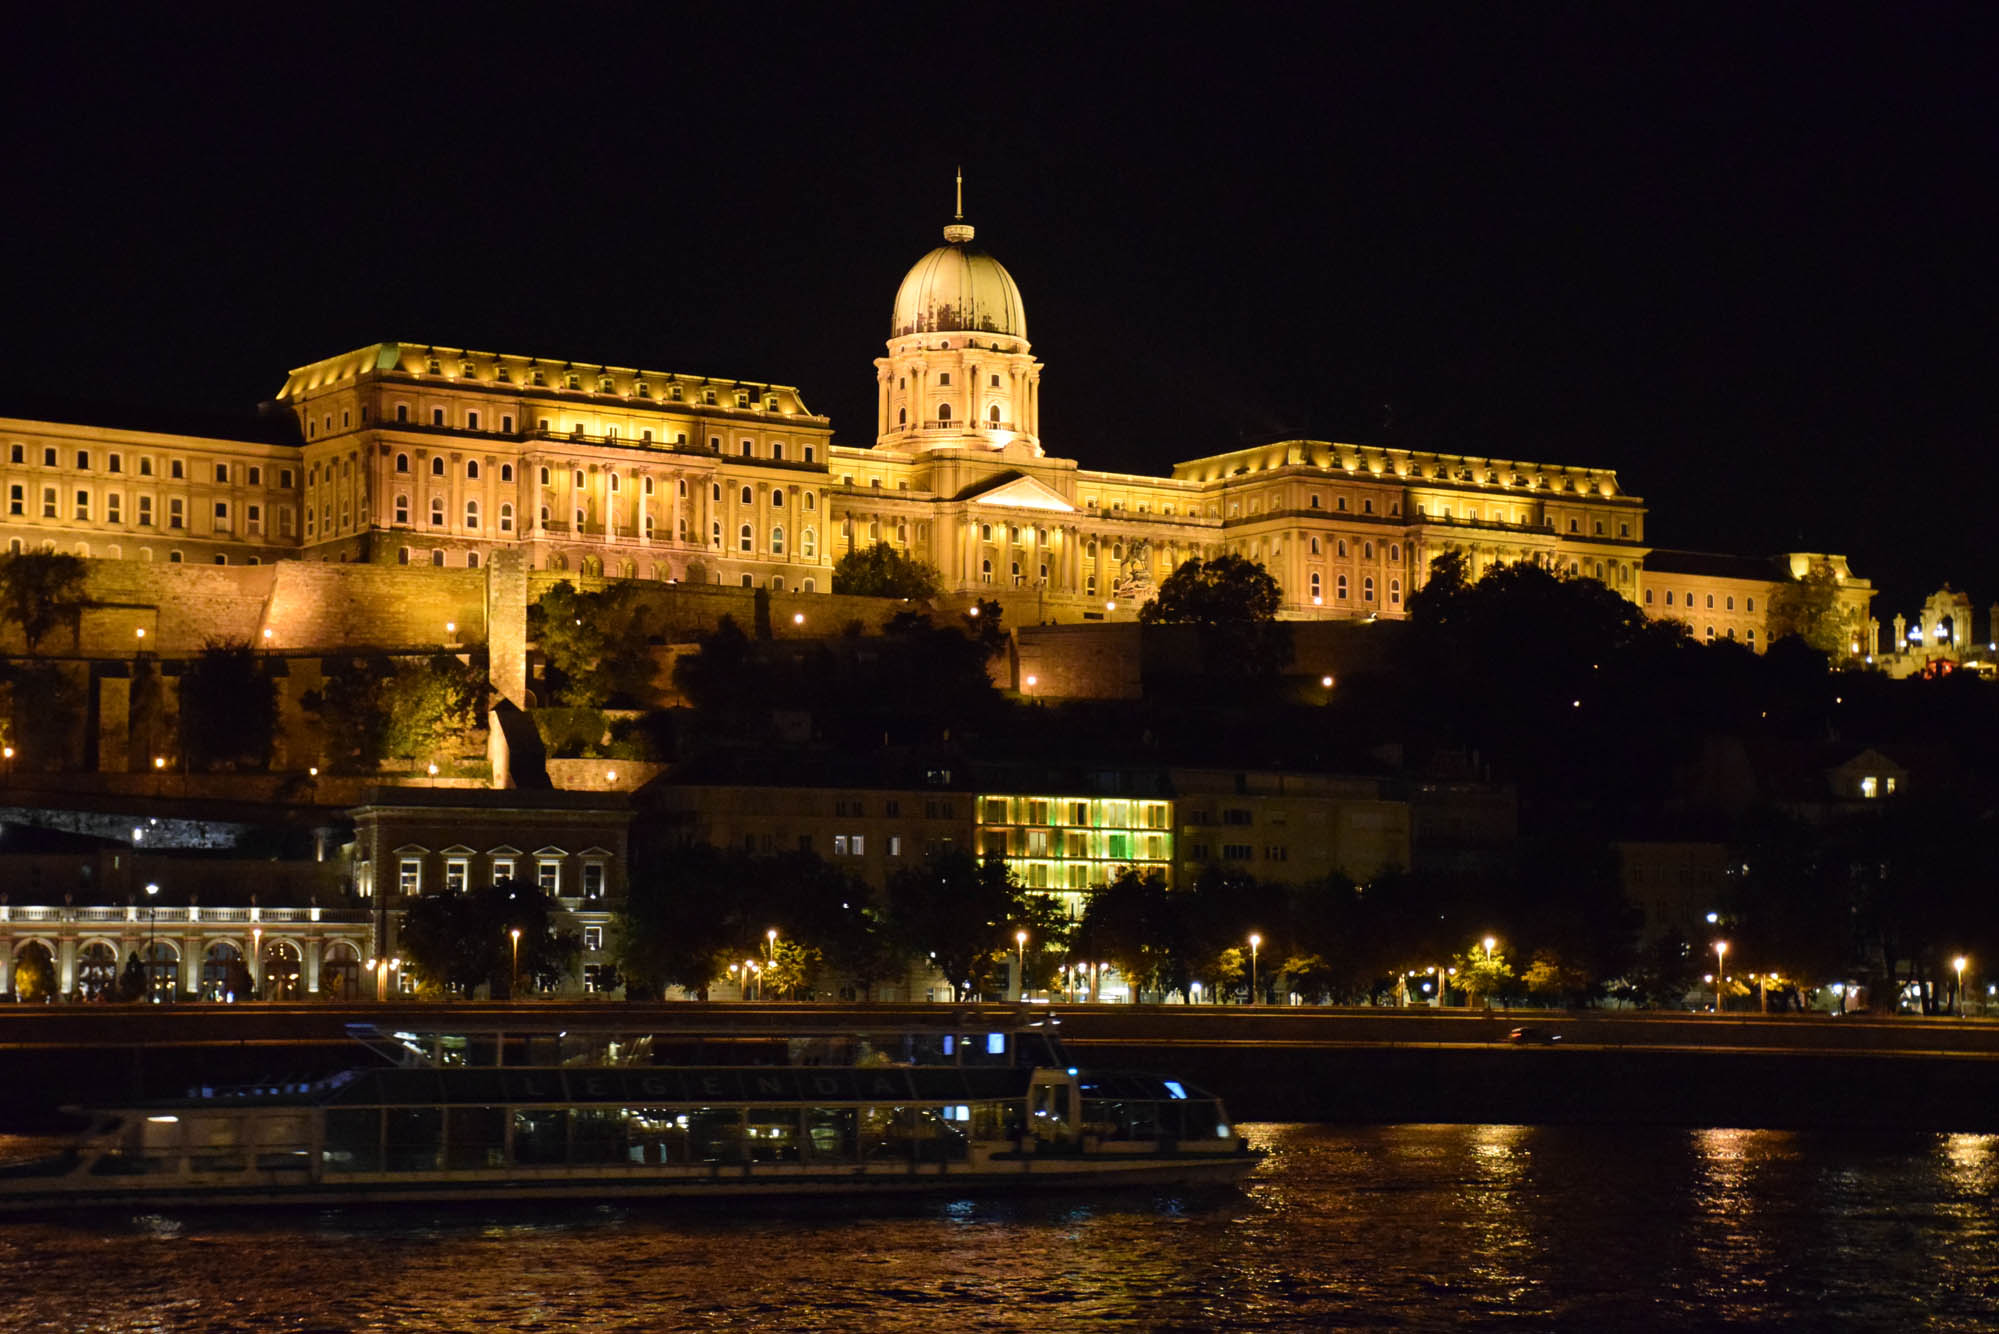 Buda Castle - Budapeste - Hungria